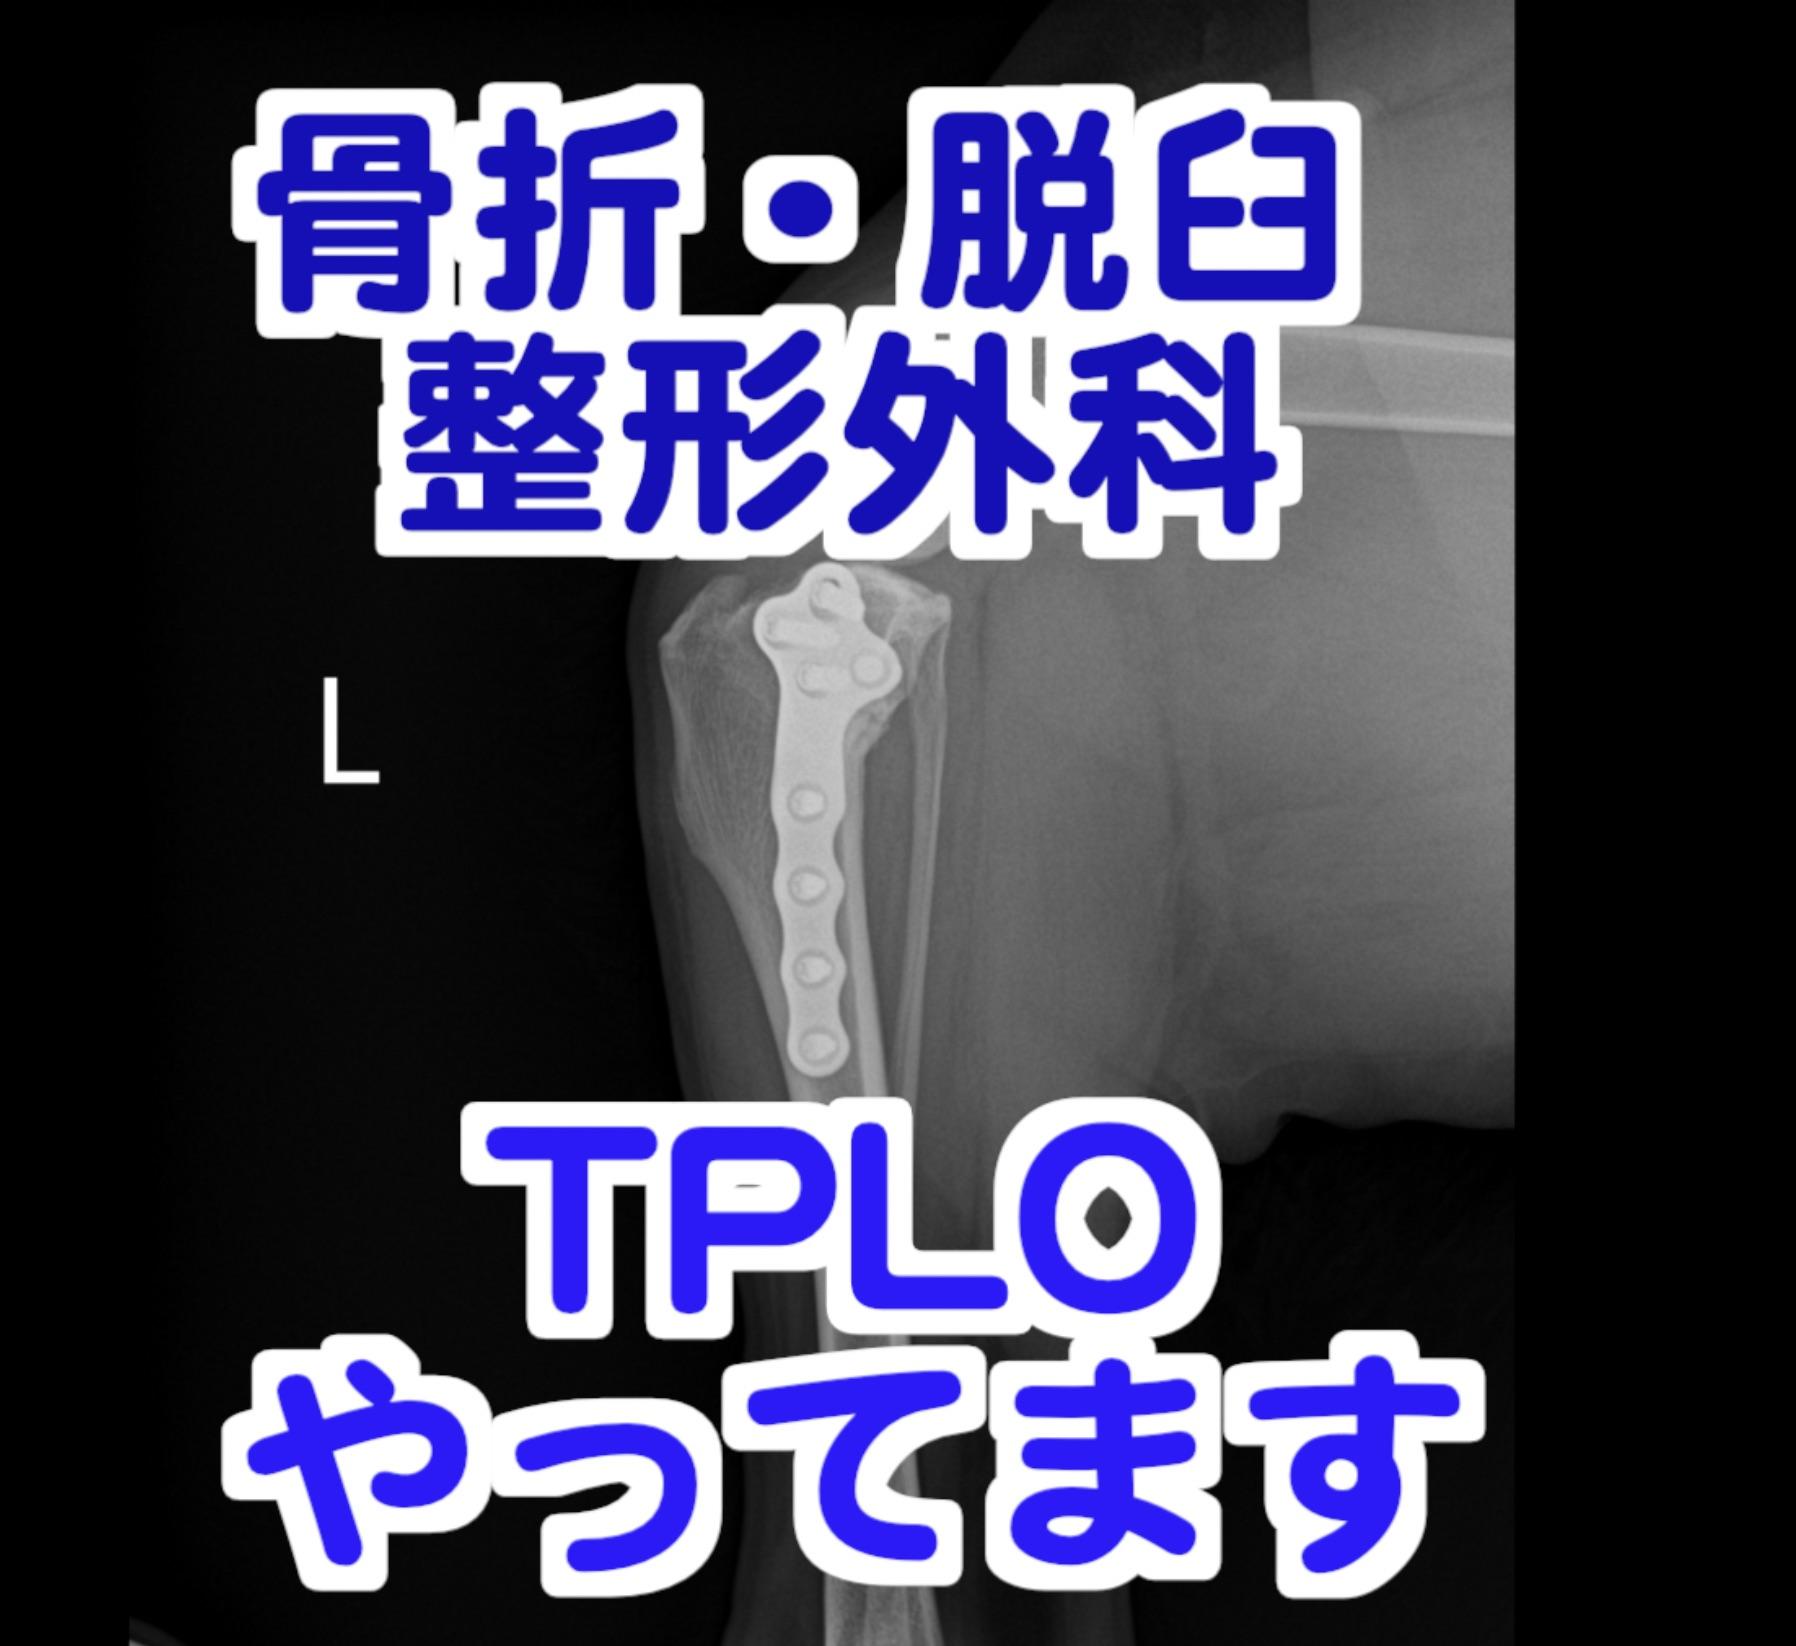 骨折・脱臼に対しての整形外科治療、TPLOもやってます。のイメージ